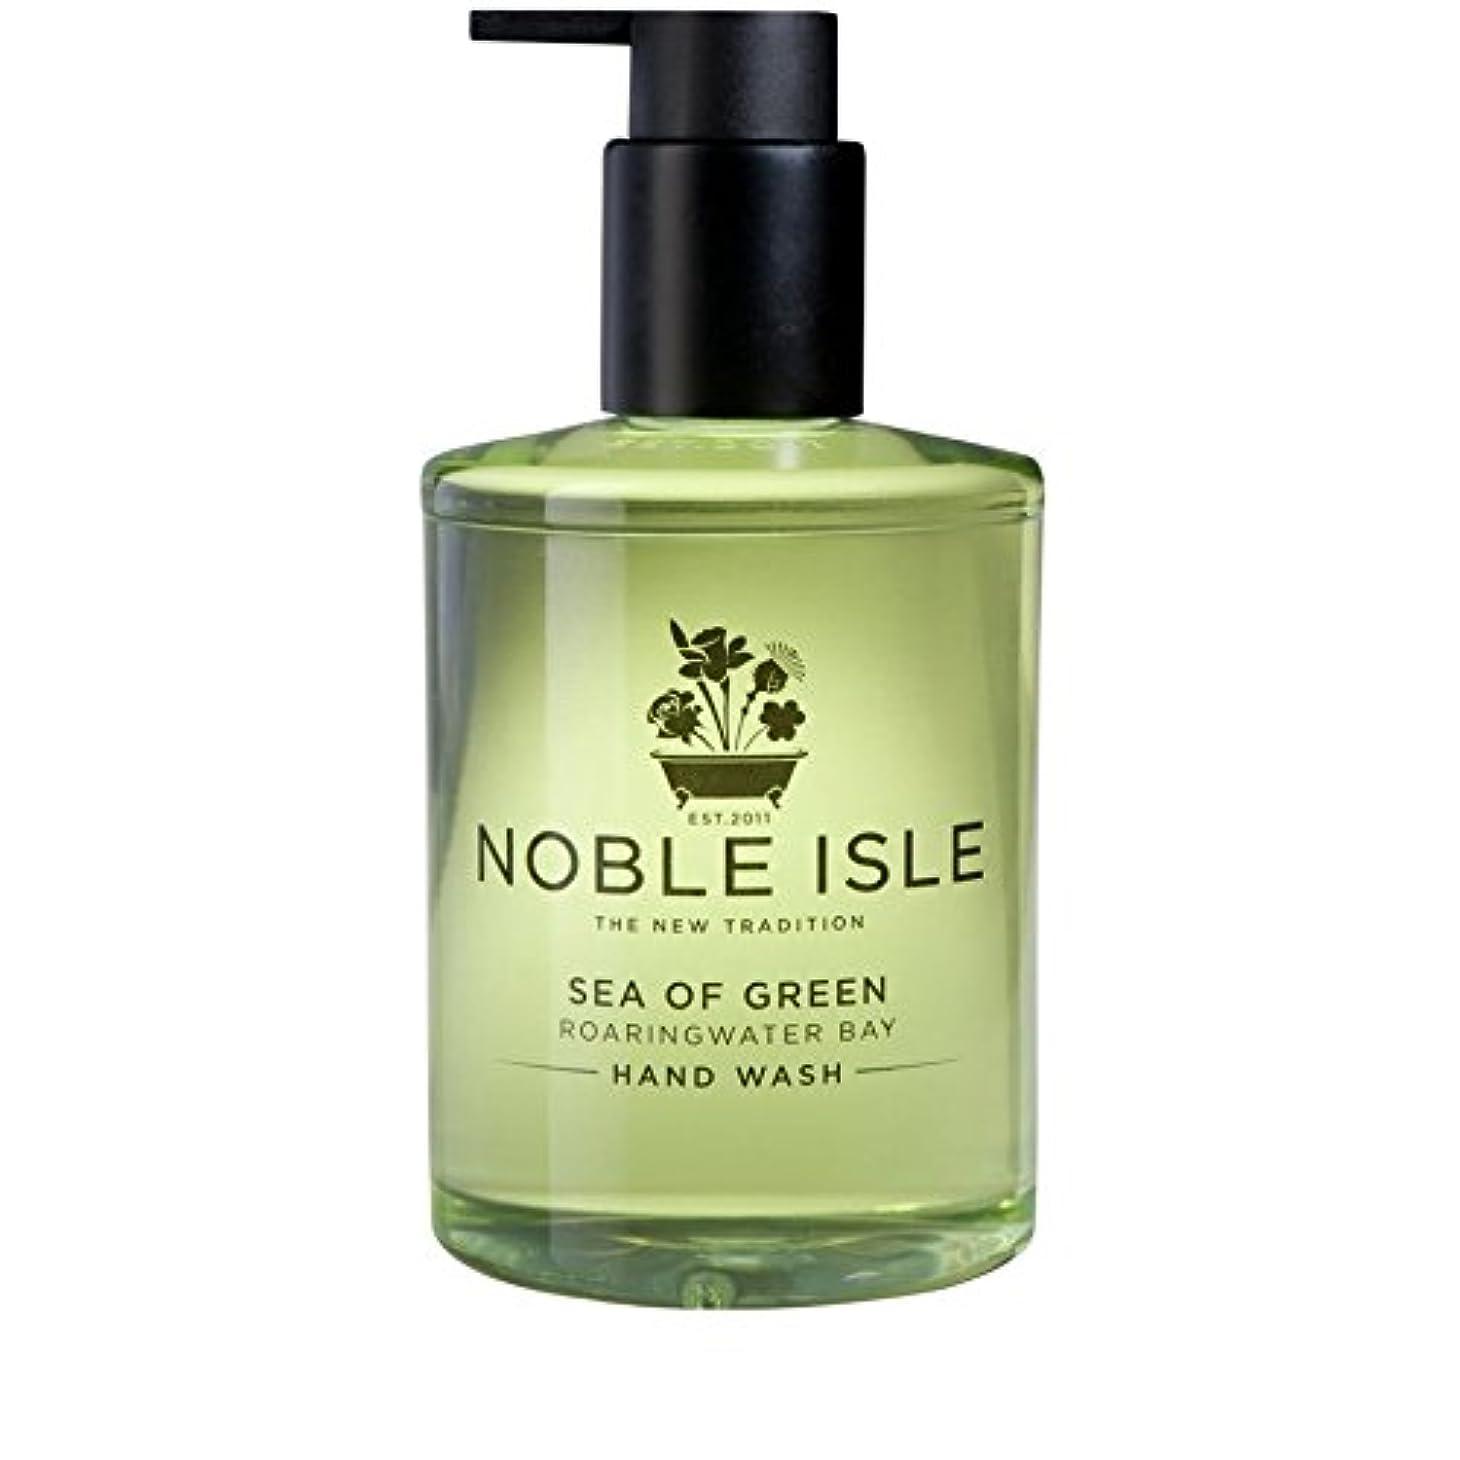 着服腐敗した生き物緑ベイハンドウォッシュ250ミリリットルの高貴な島の海 x4 - Noble Isle Sea of Green Roaringwater Bay Hand Wash 250ml (Pack of 4) [並行輸入品]